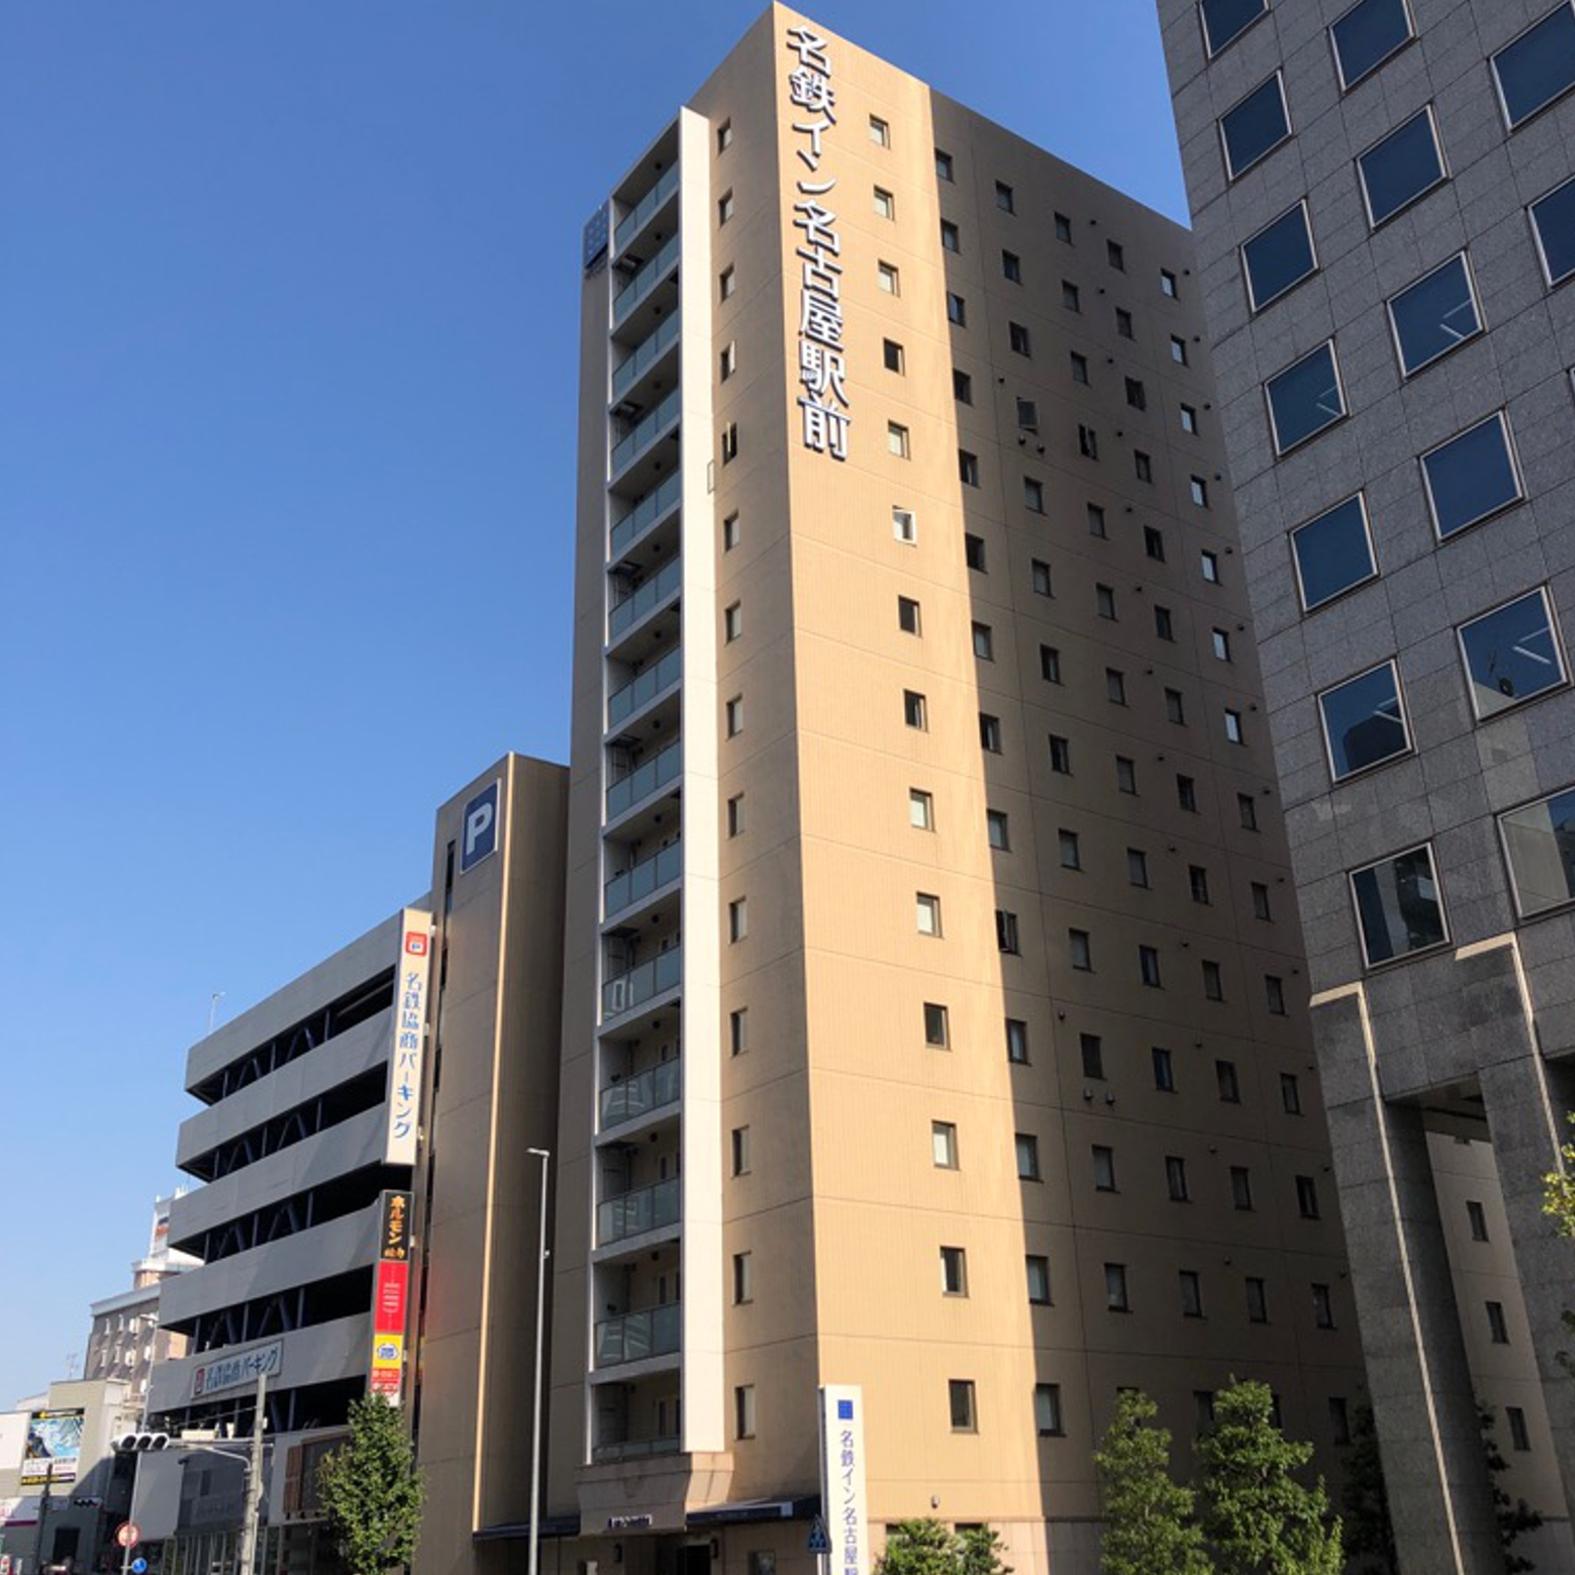 名鉄イン 名古屋駅前...